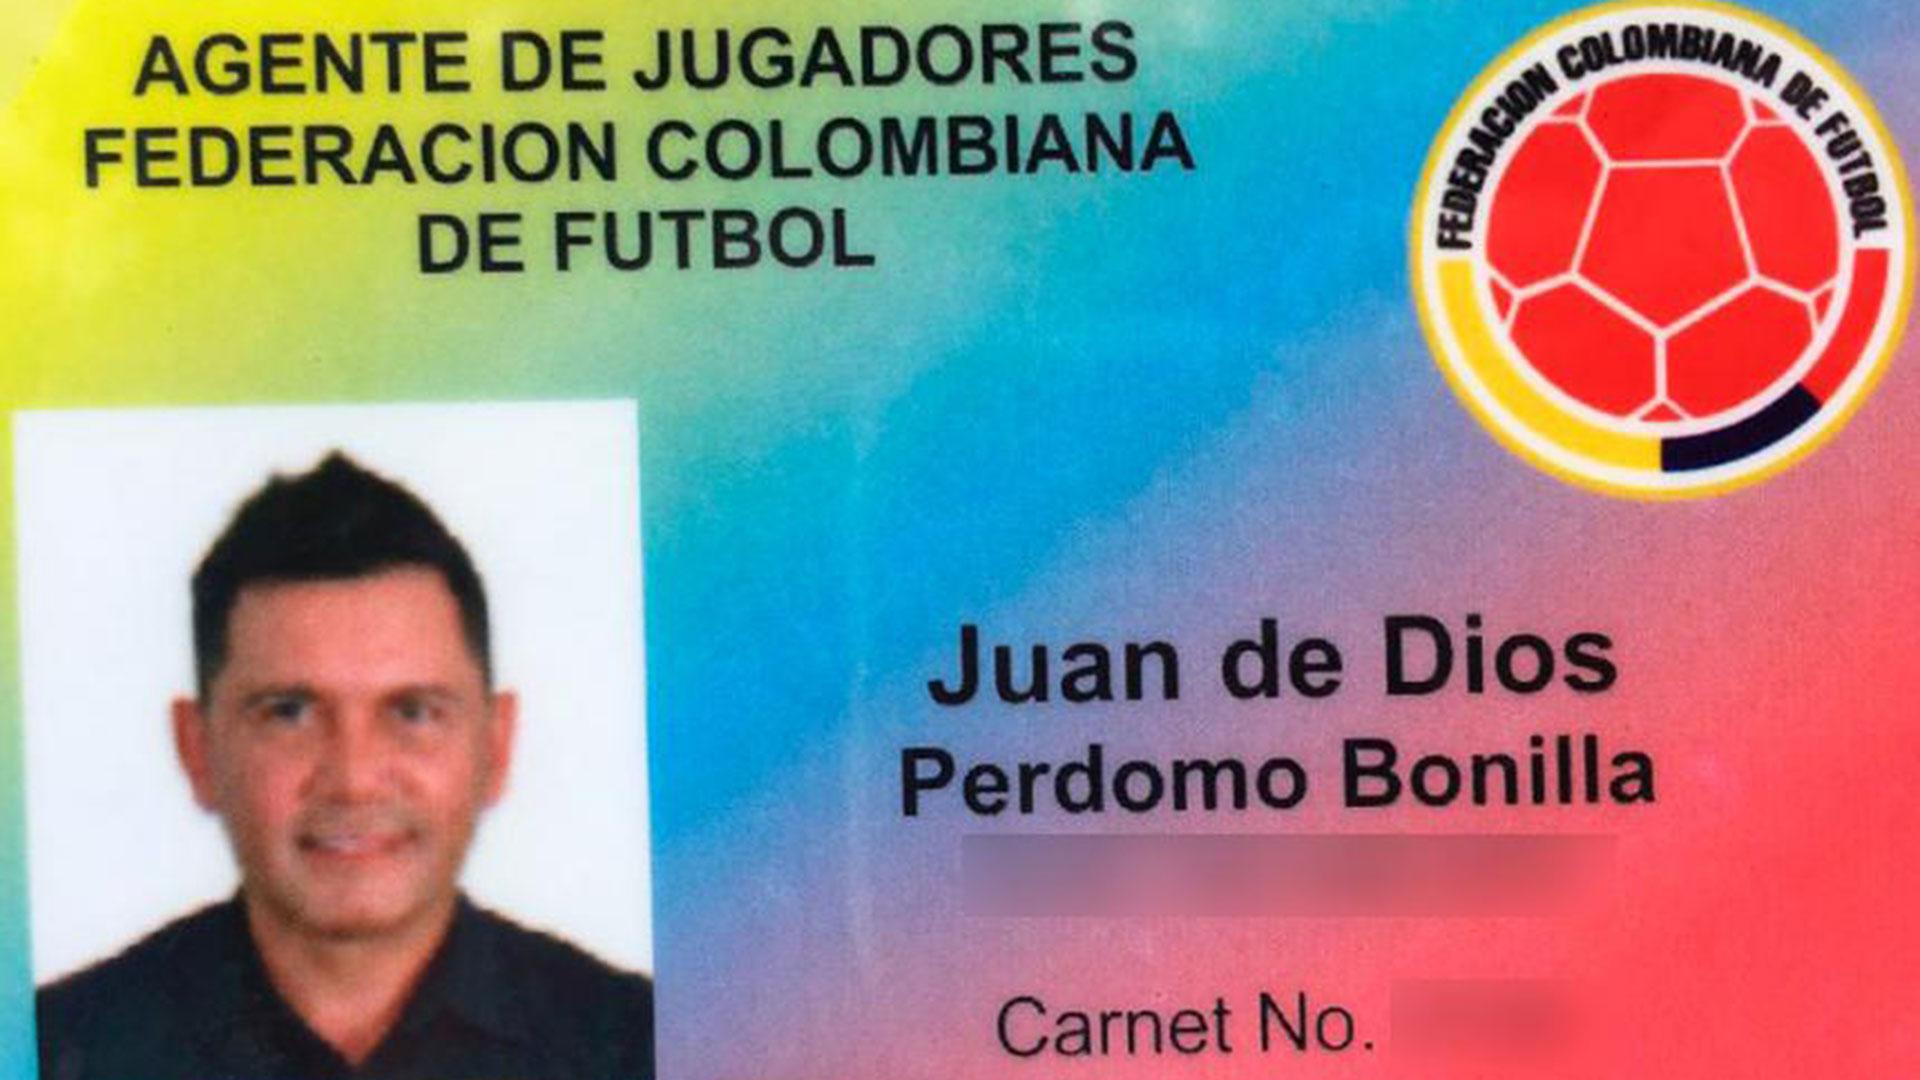 La falsa credencial de la Federación Colombiana de Fútbol que llevaba en su ropa